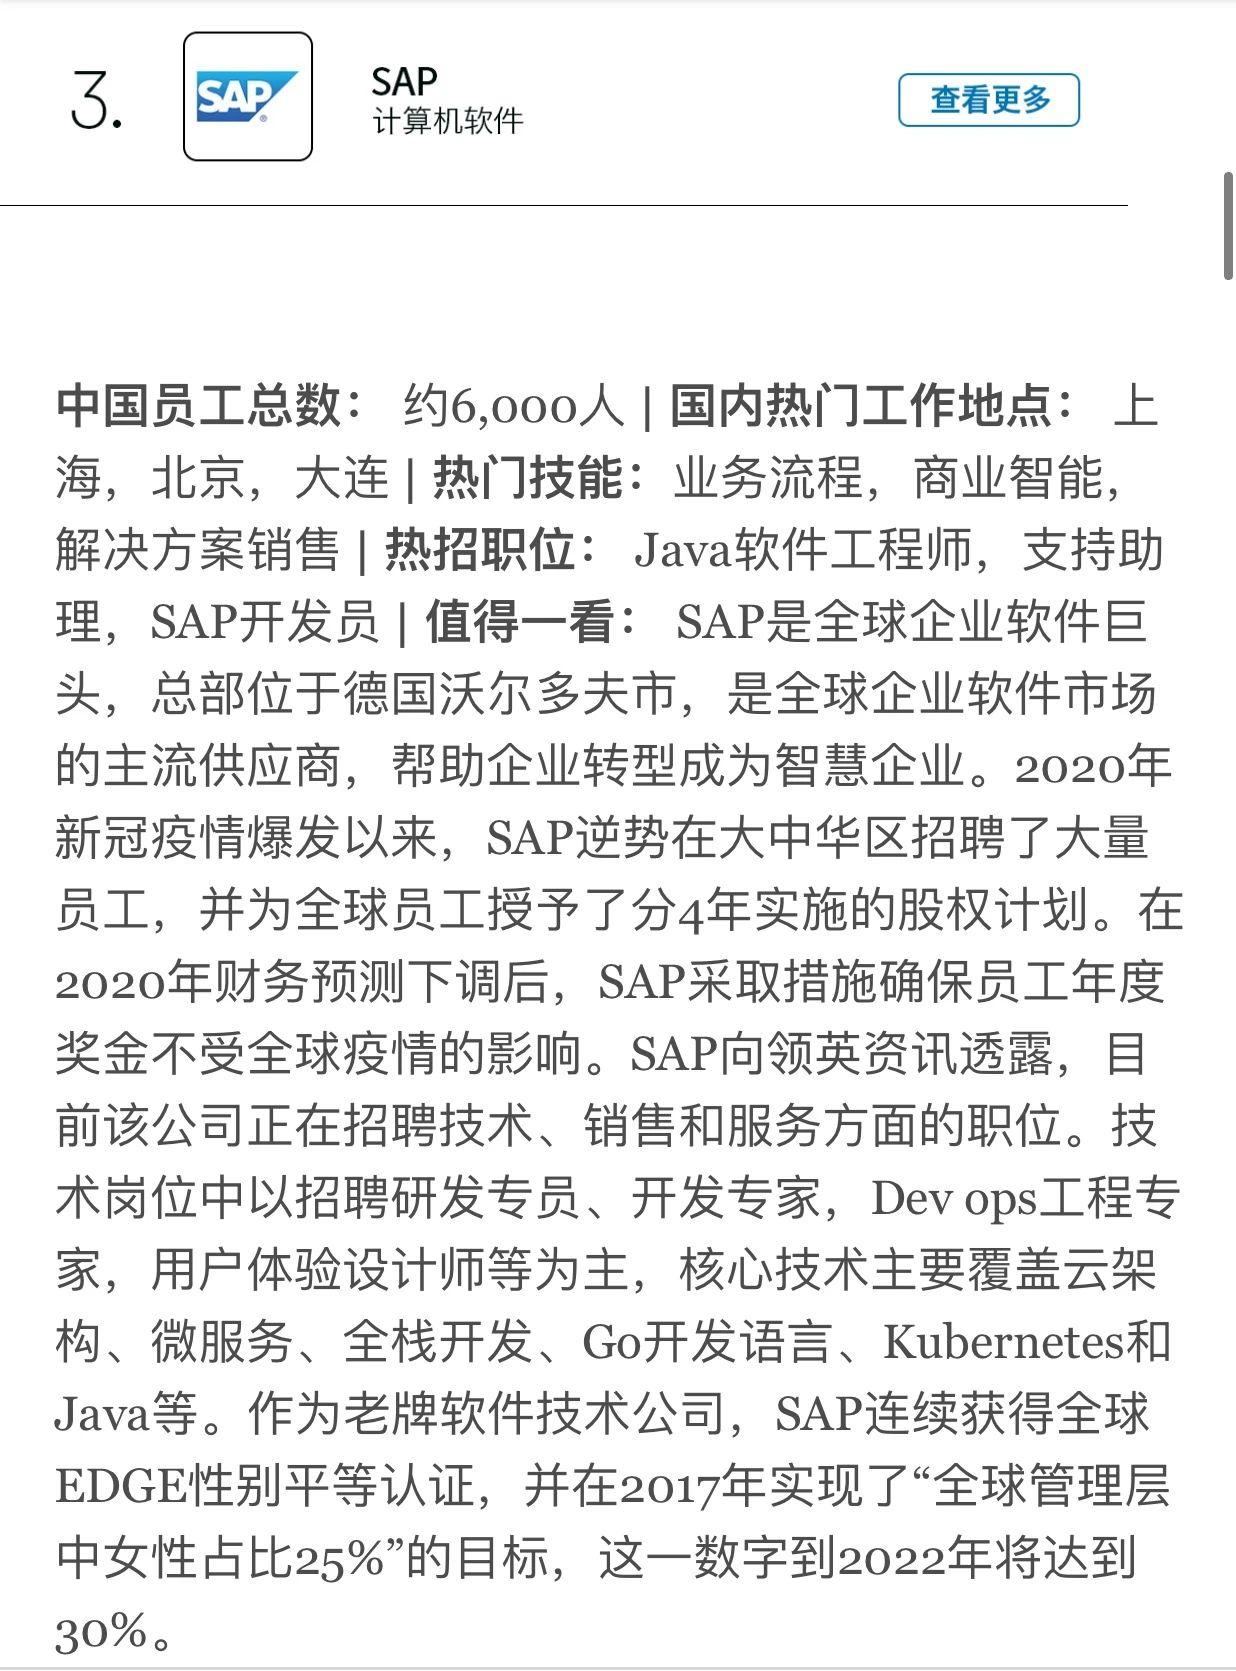 中国*适合职业生涯成长的企业